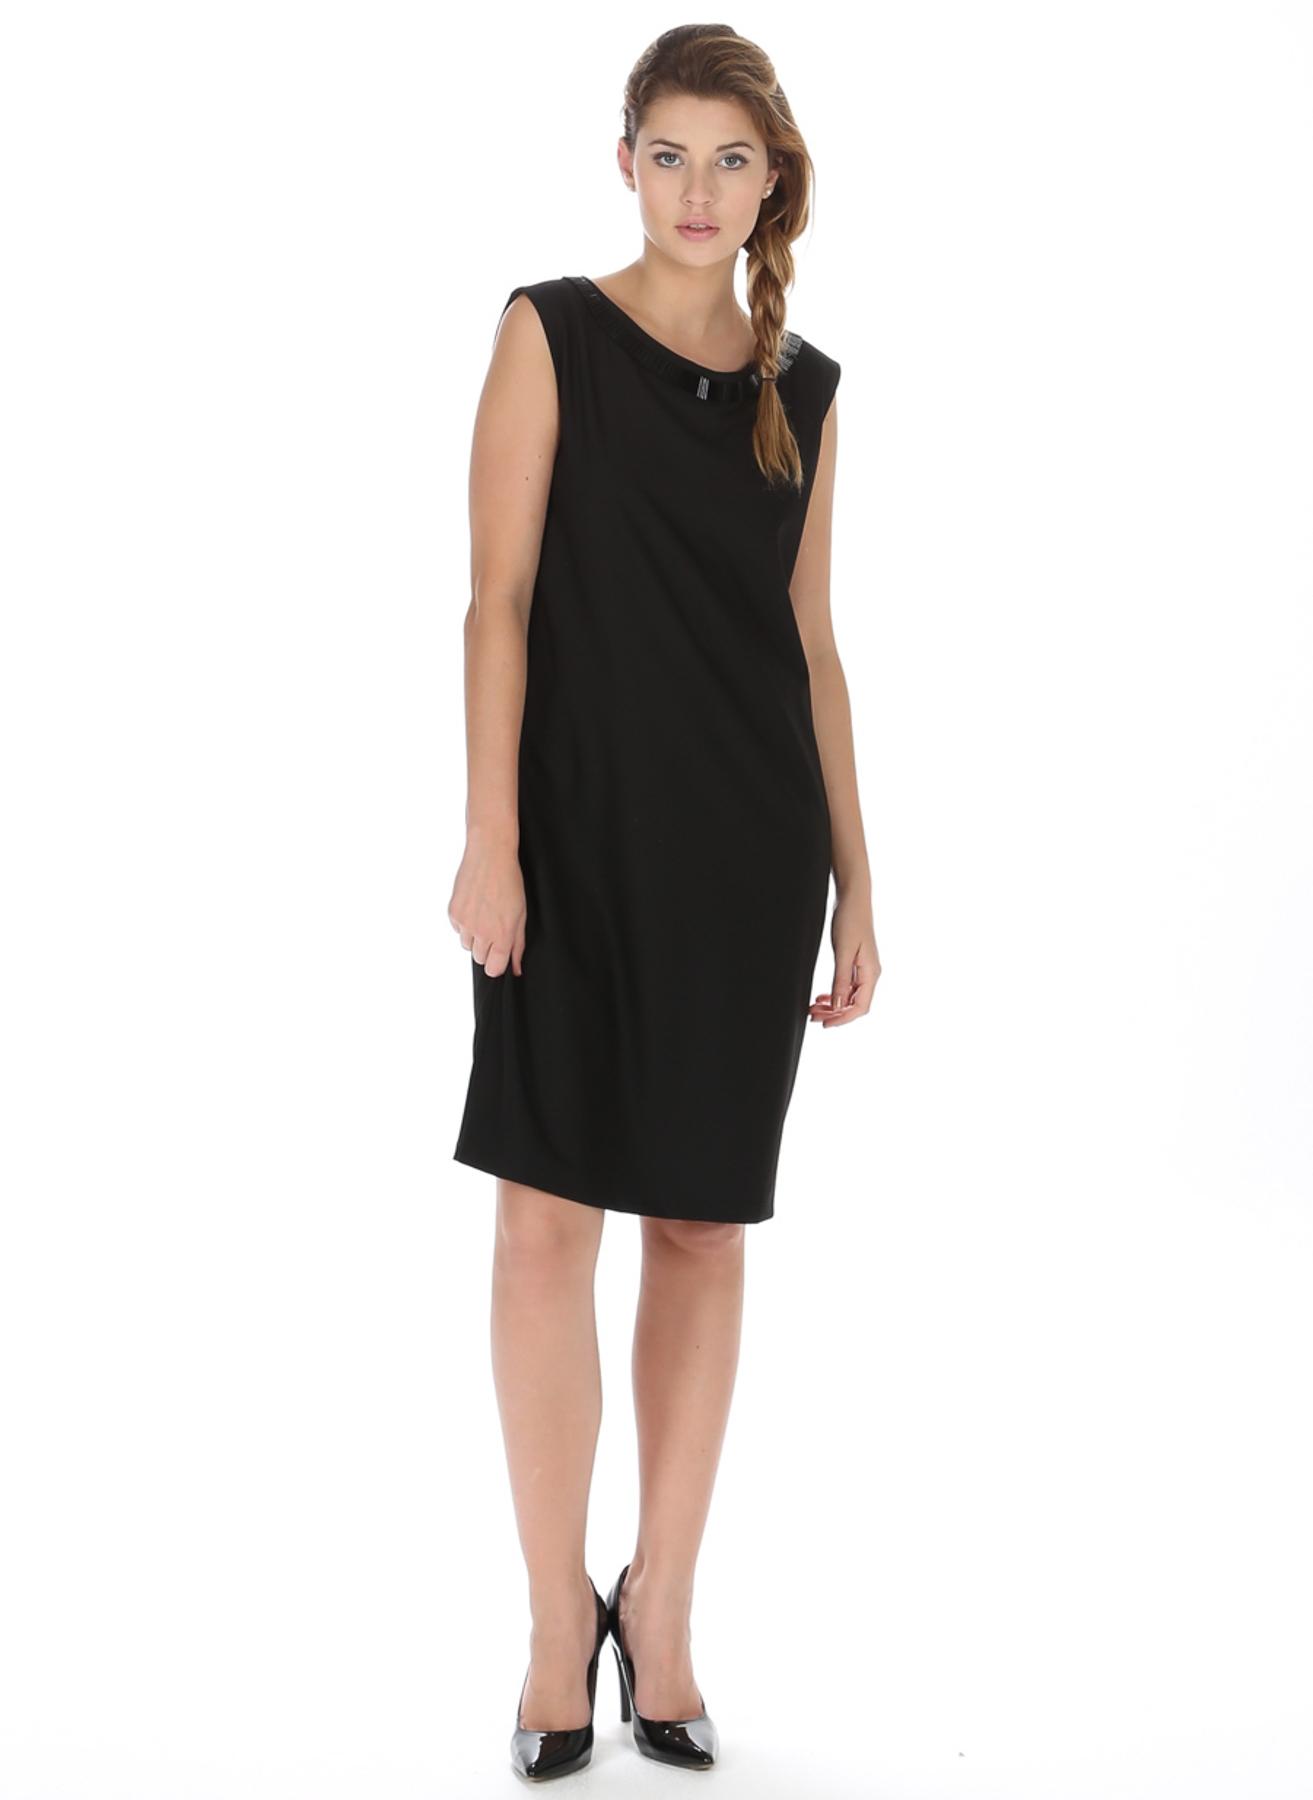 11fef8347b57c Agenda Yaka Detaylı Elbise S 5000046956001 Fiyatları, Özellikleri ve ...